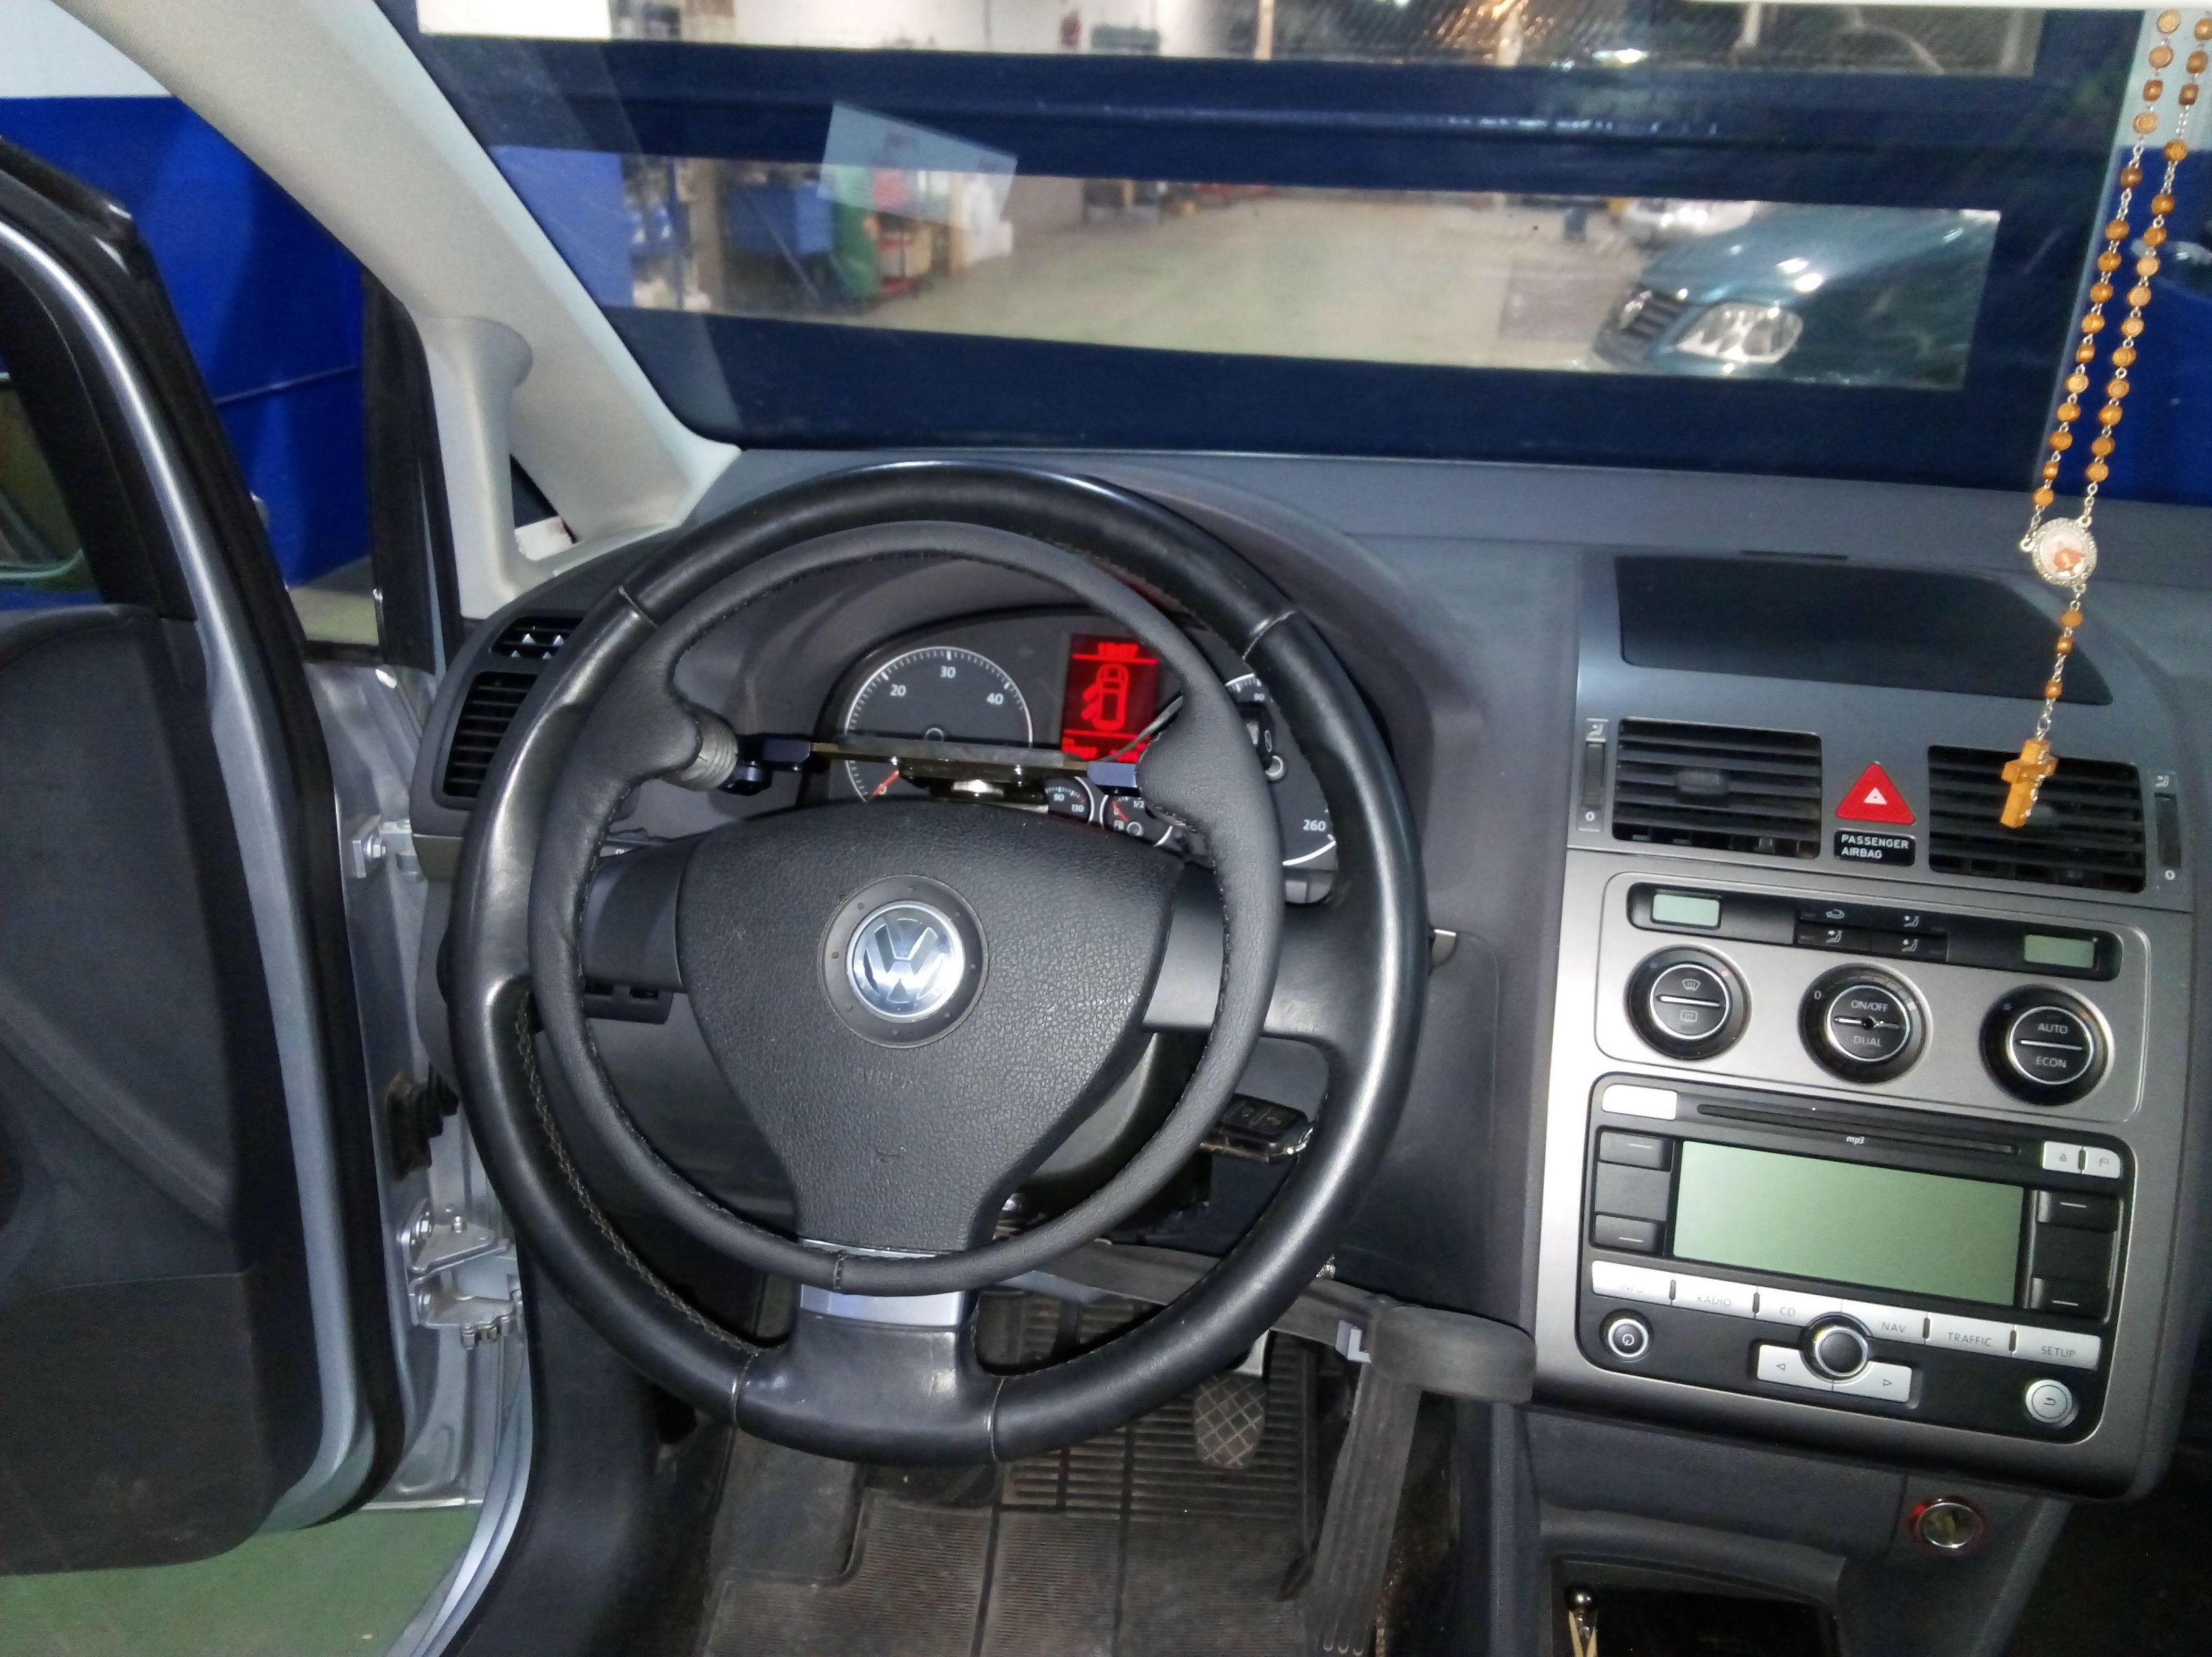 Acelerador electronico sobre volante extraible y freno de servicio